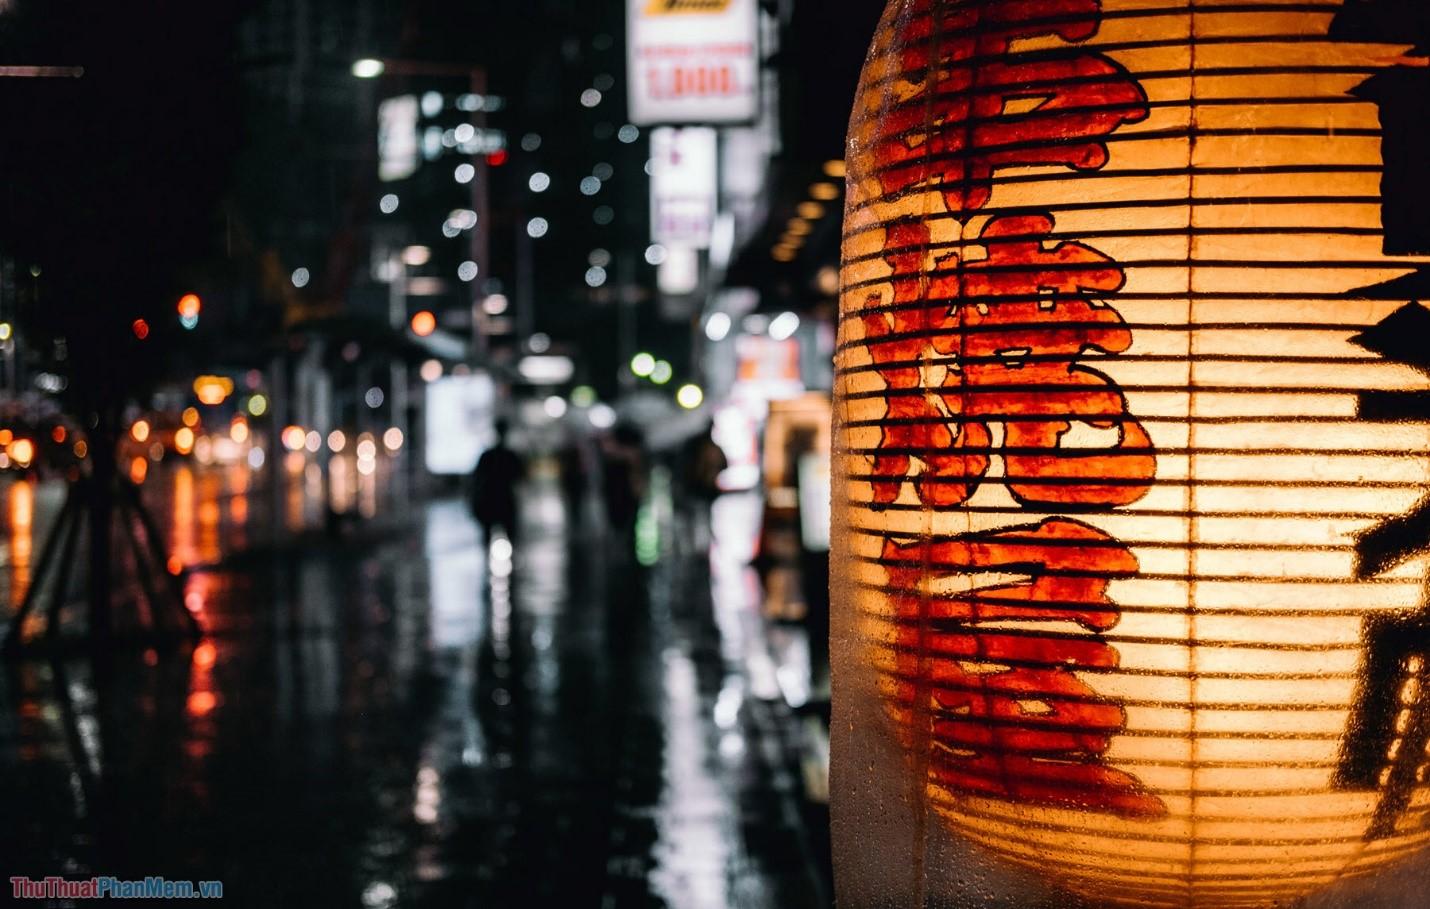 Bộ Preset màu Nhật Bản – Nhật cổ điển